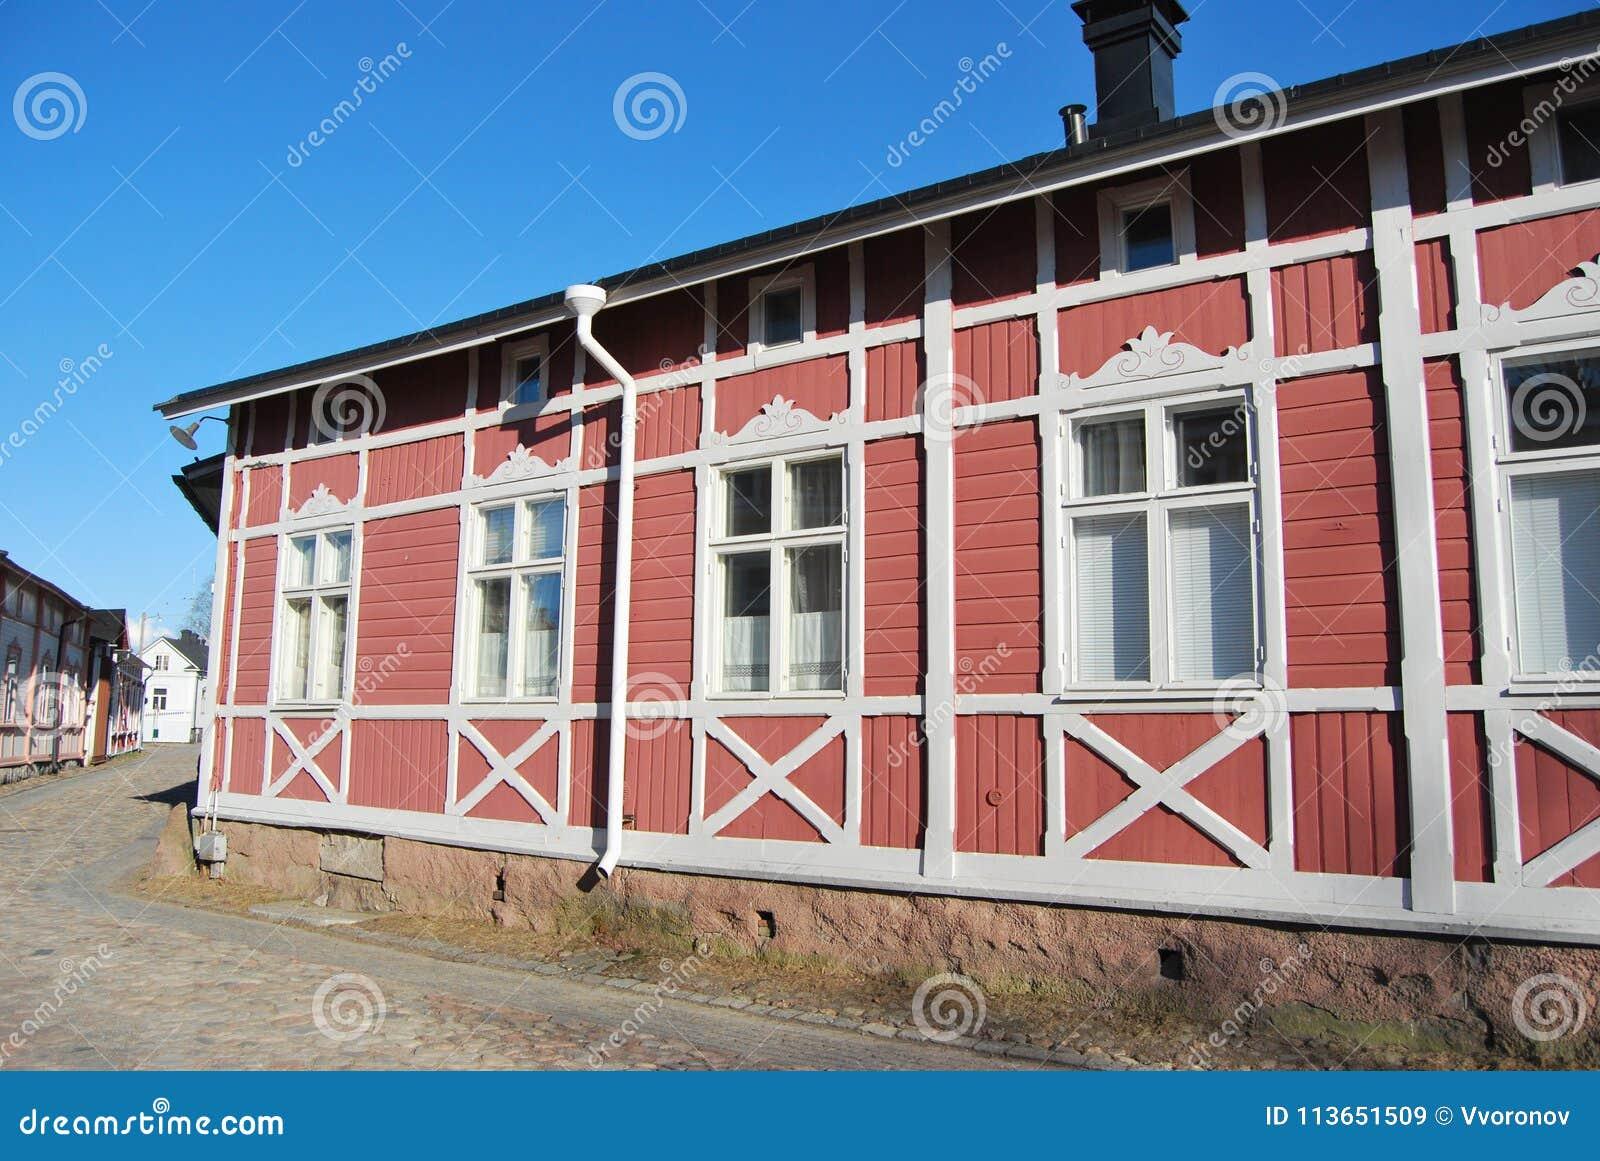 Chambre en bois rose image stock. Image du conception - 113651509